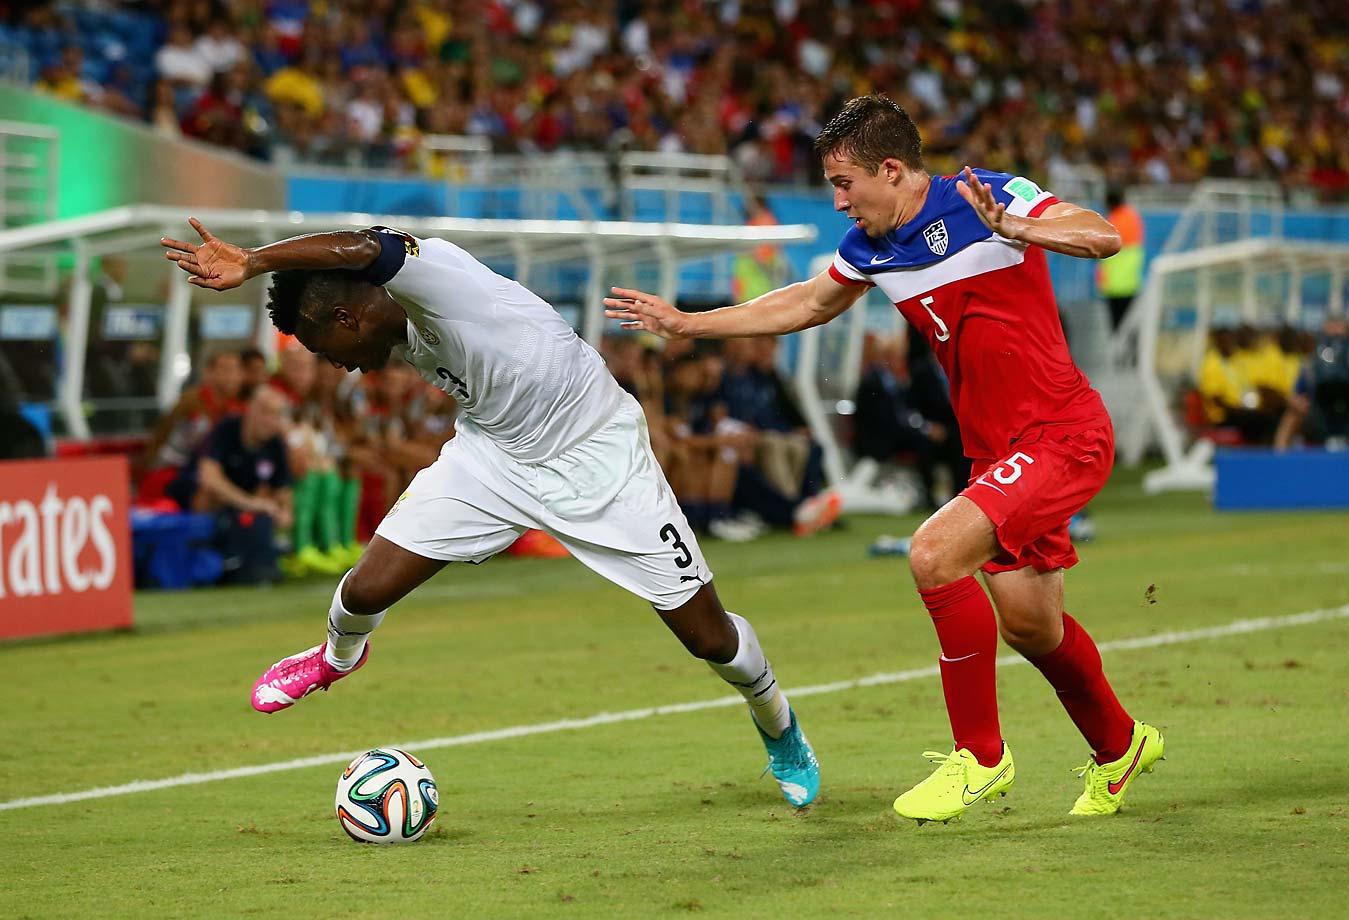 Asamoah Gyan of Ghana and Matt Besler of the United States battle for the ball.